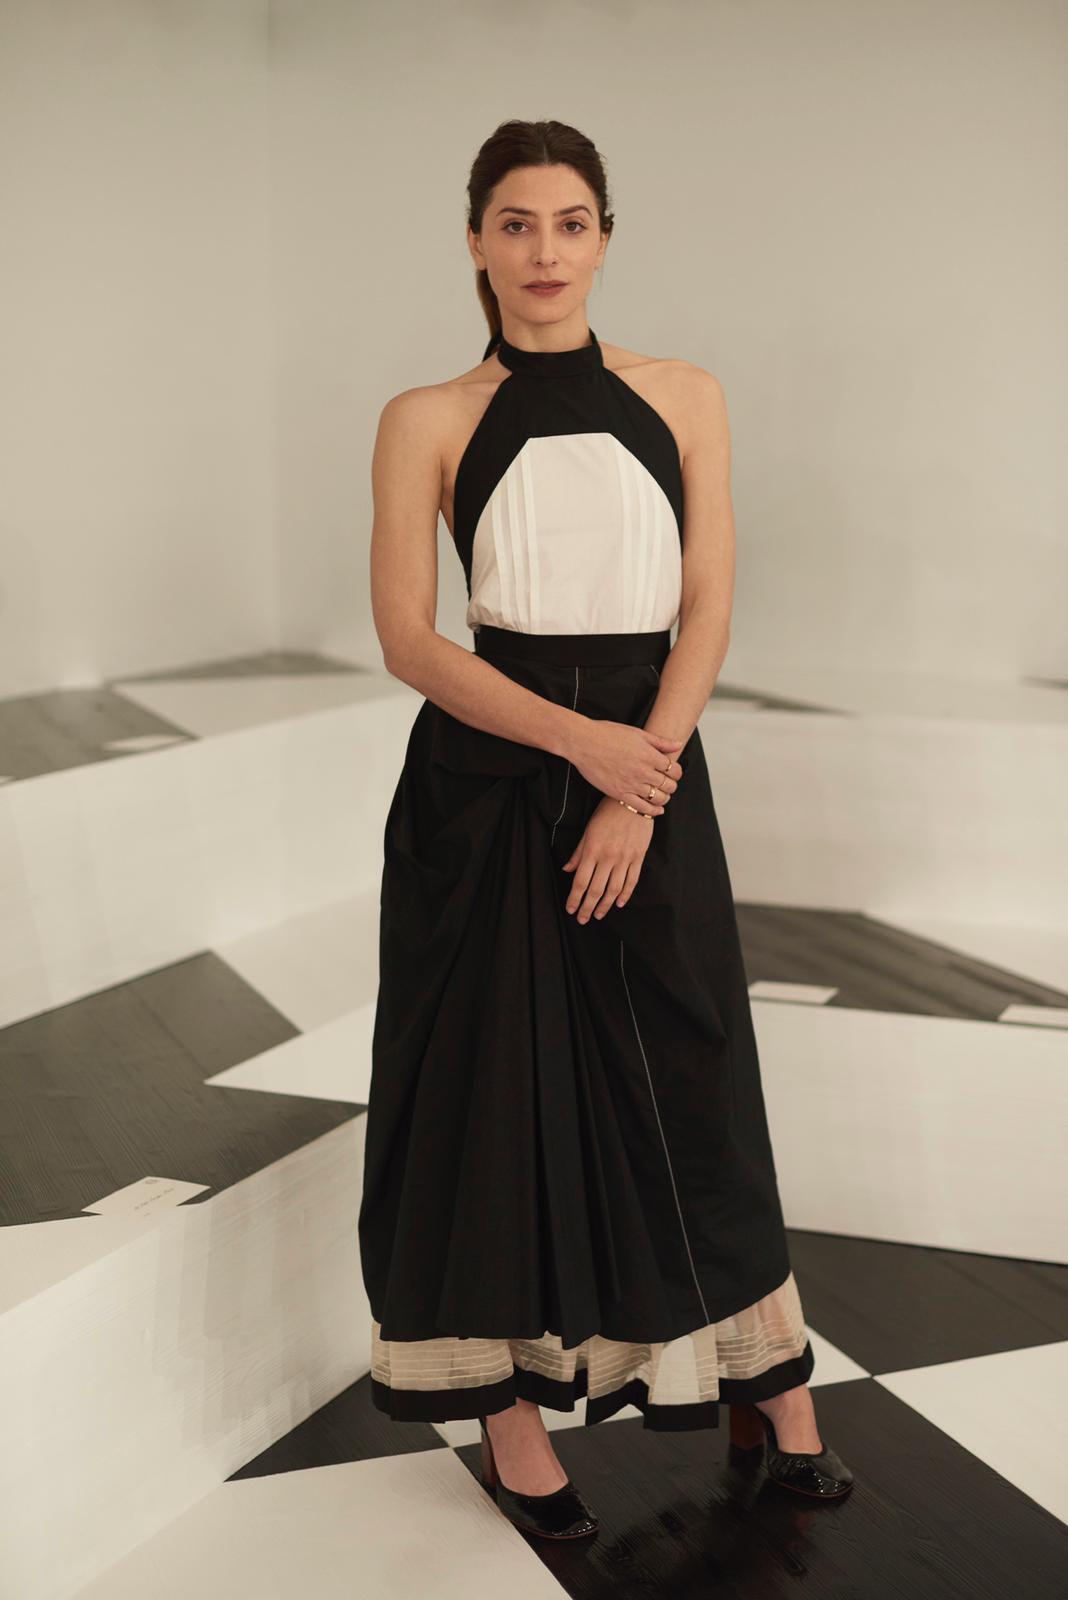 bdc4ee74 74a9 4d8b b85a 57f2f64e0457 - Goya Toledo y Bárbara Lennie lucen accesorios de Jimmy Choo y Chaumet  en los desfiles de París Fashion Week